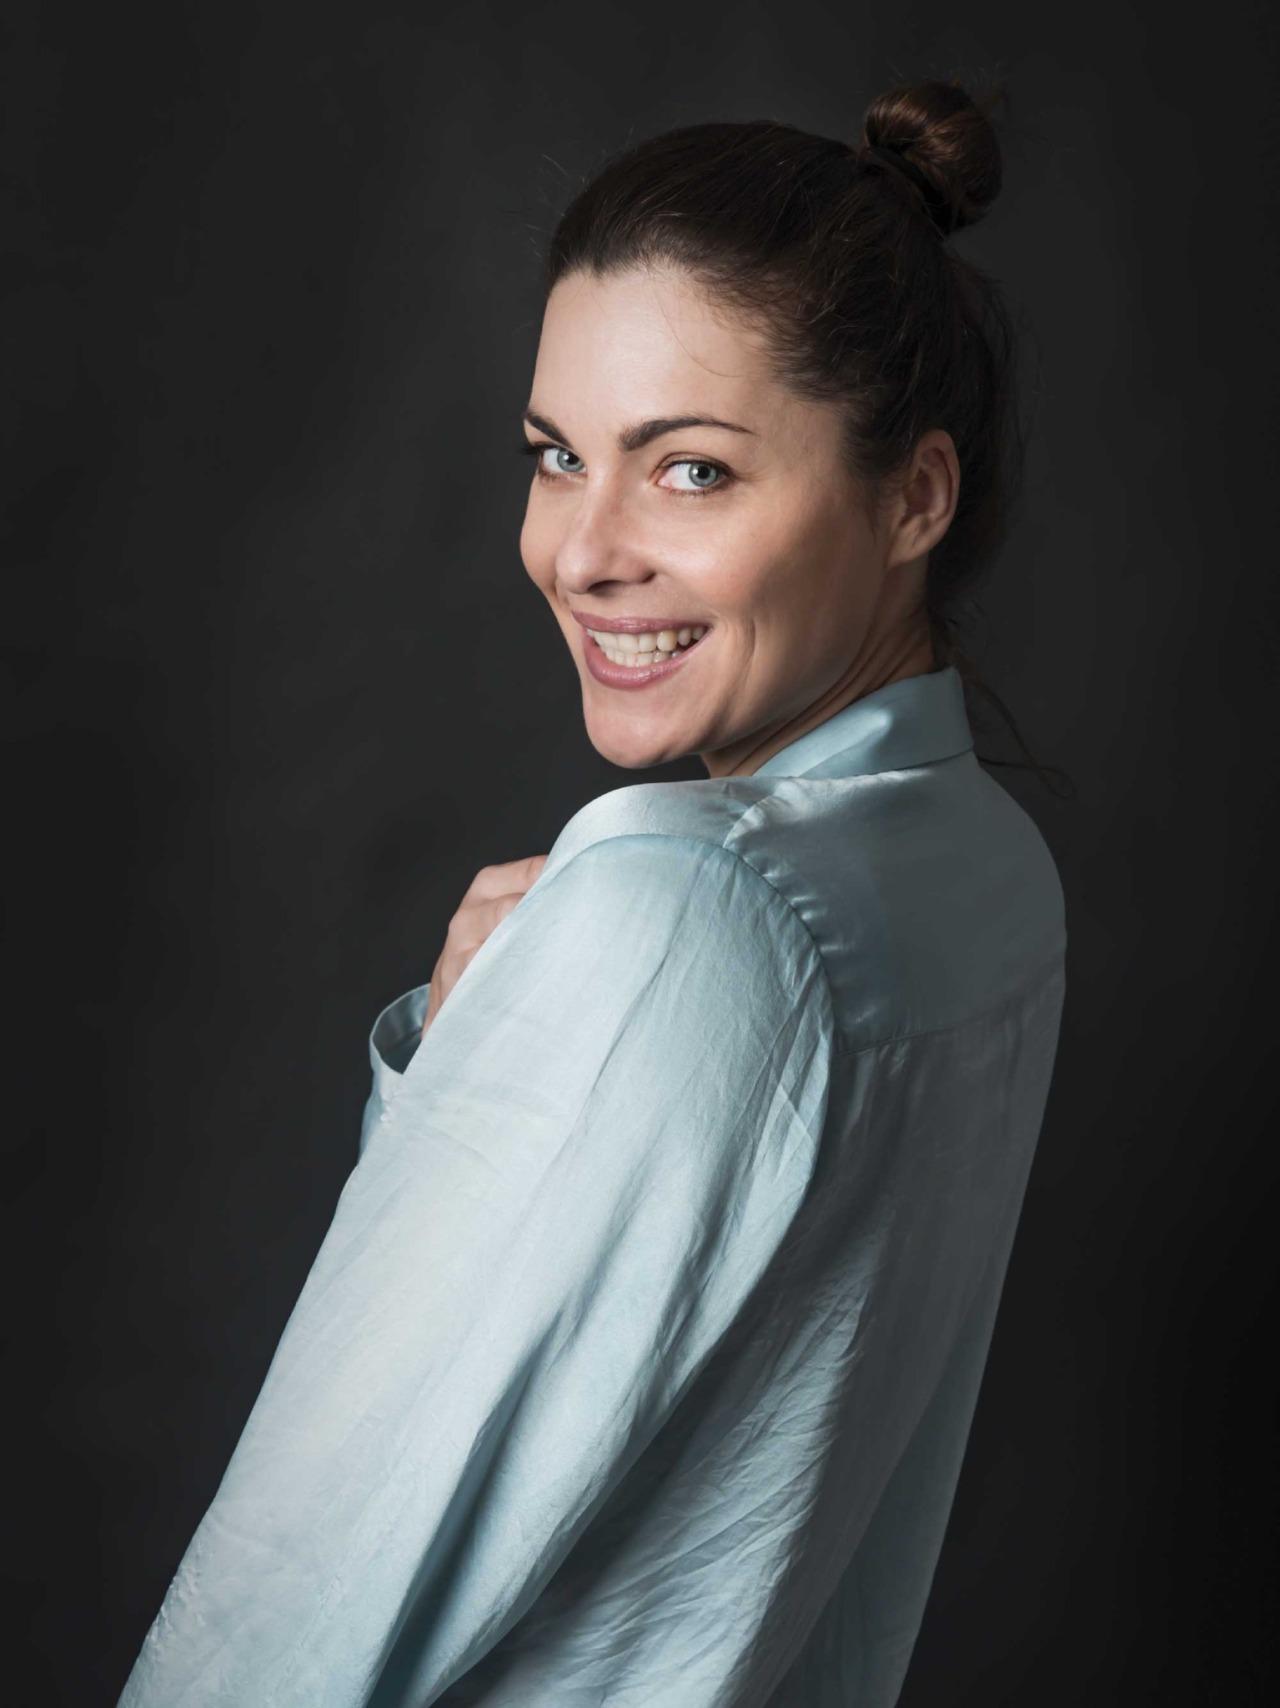 Внешность Леди Димитреску могла подарить модель Хелена Манковска